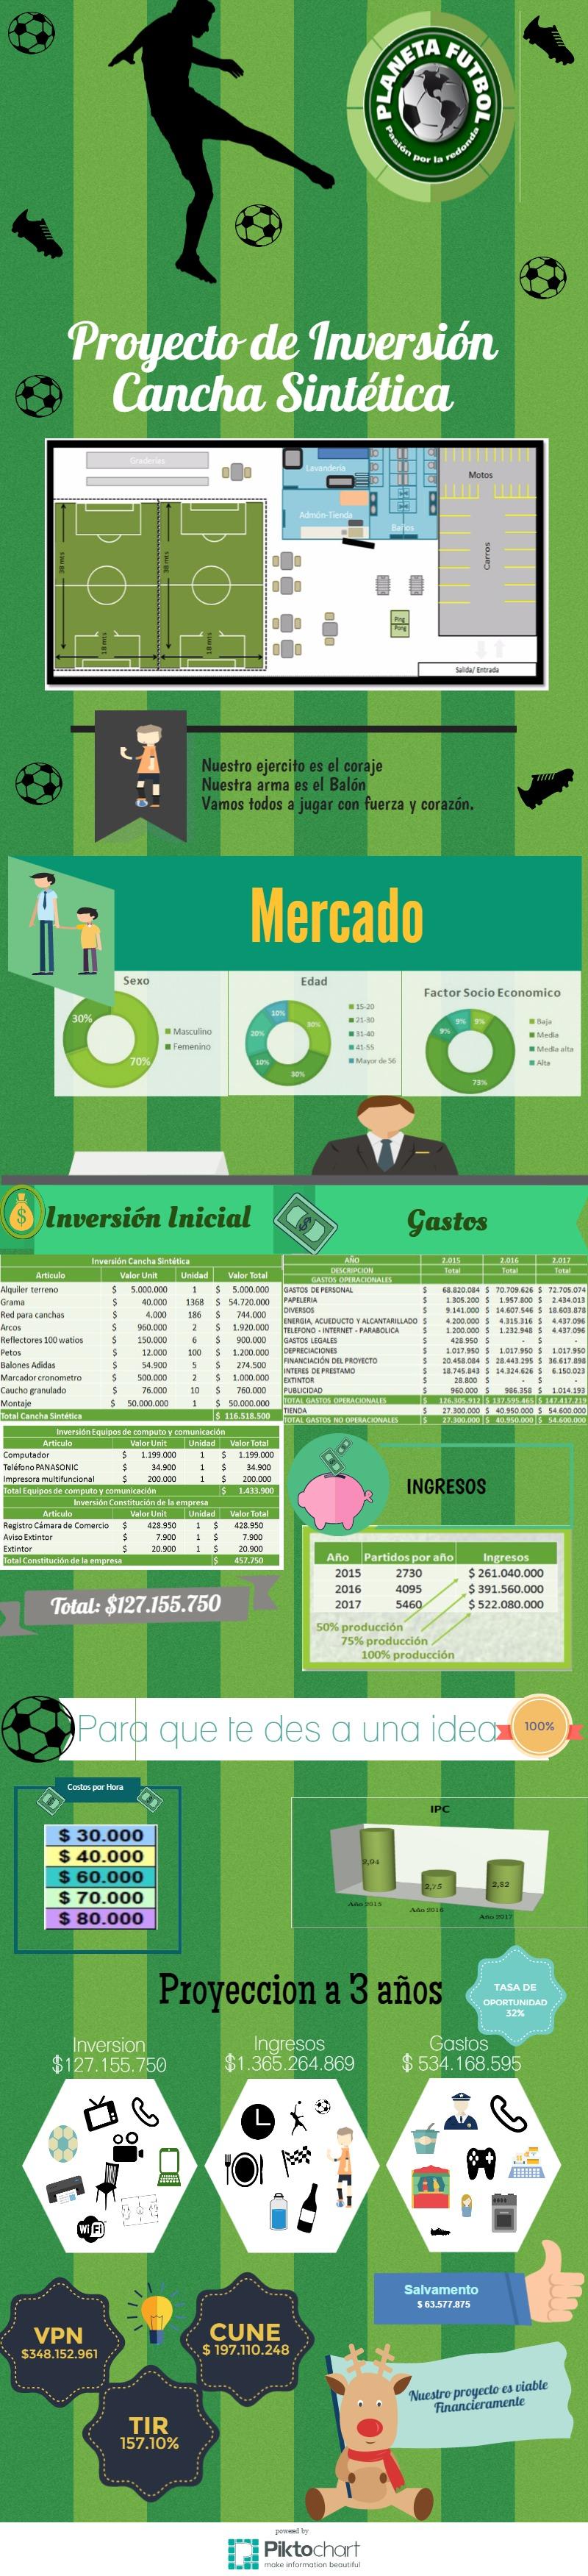 Proyecto Inversión Cancha Sintética en la ciudad de Cali Avancemos S.A.S.  UNIAJC 9170 #infografia #finanzas